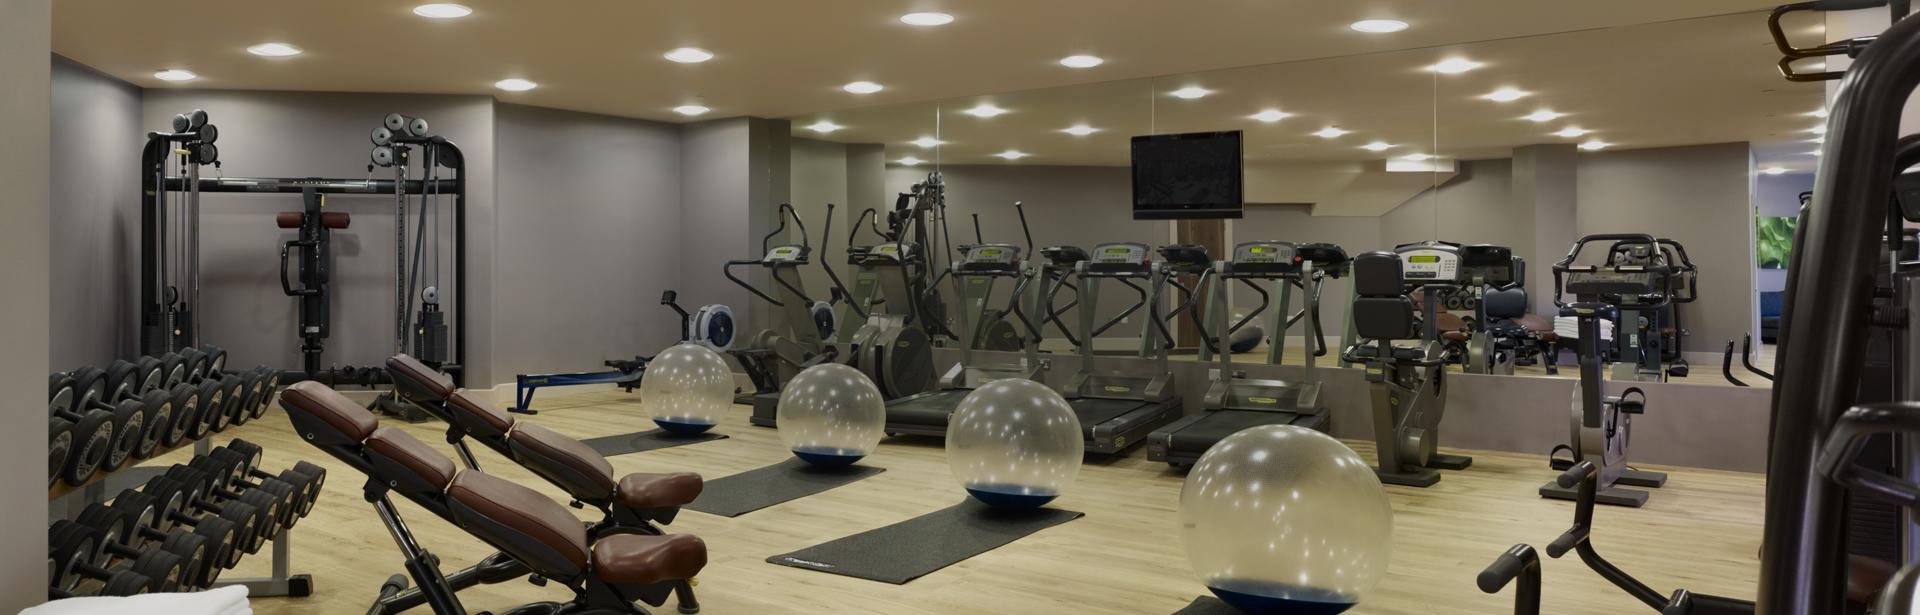 hotel fitness center near nyc